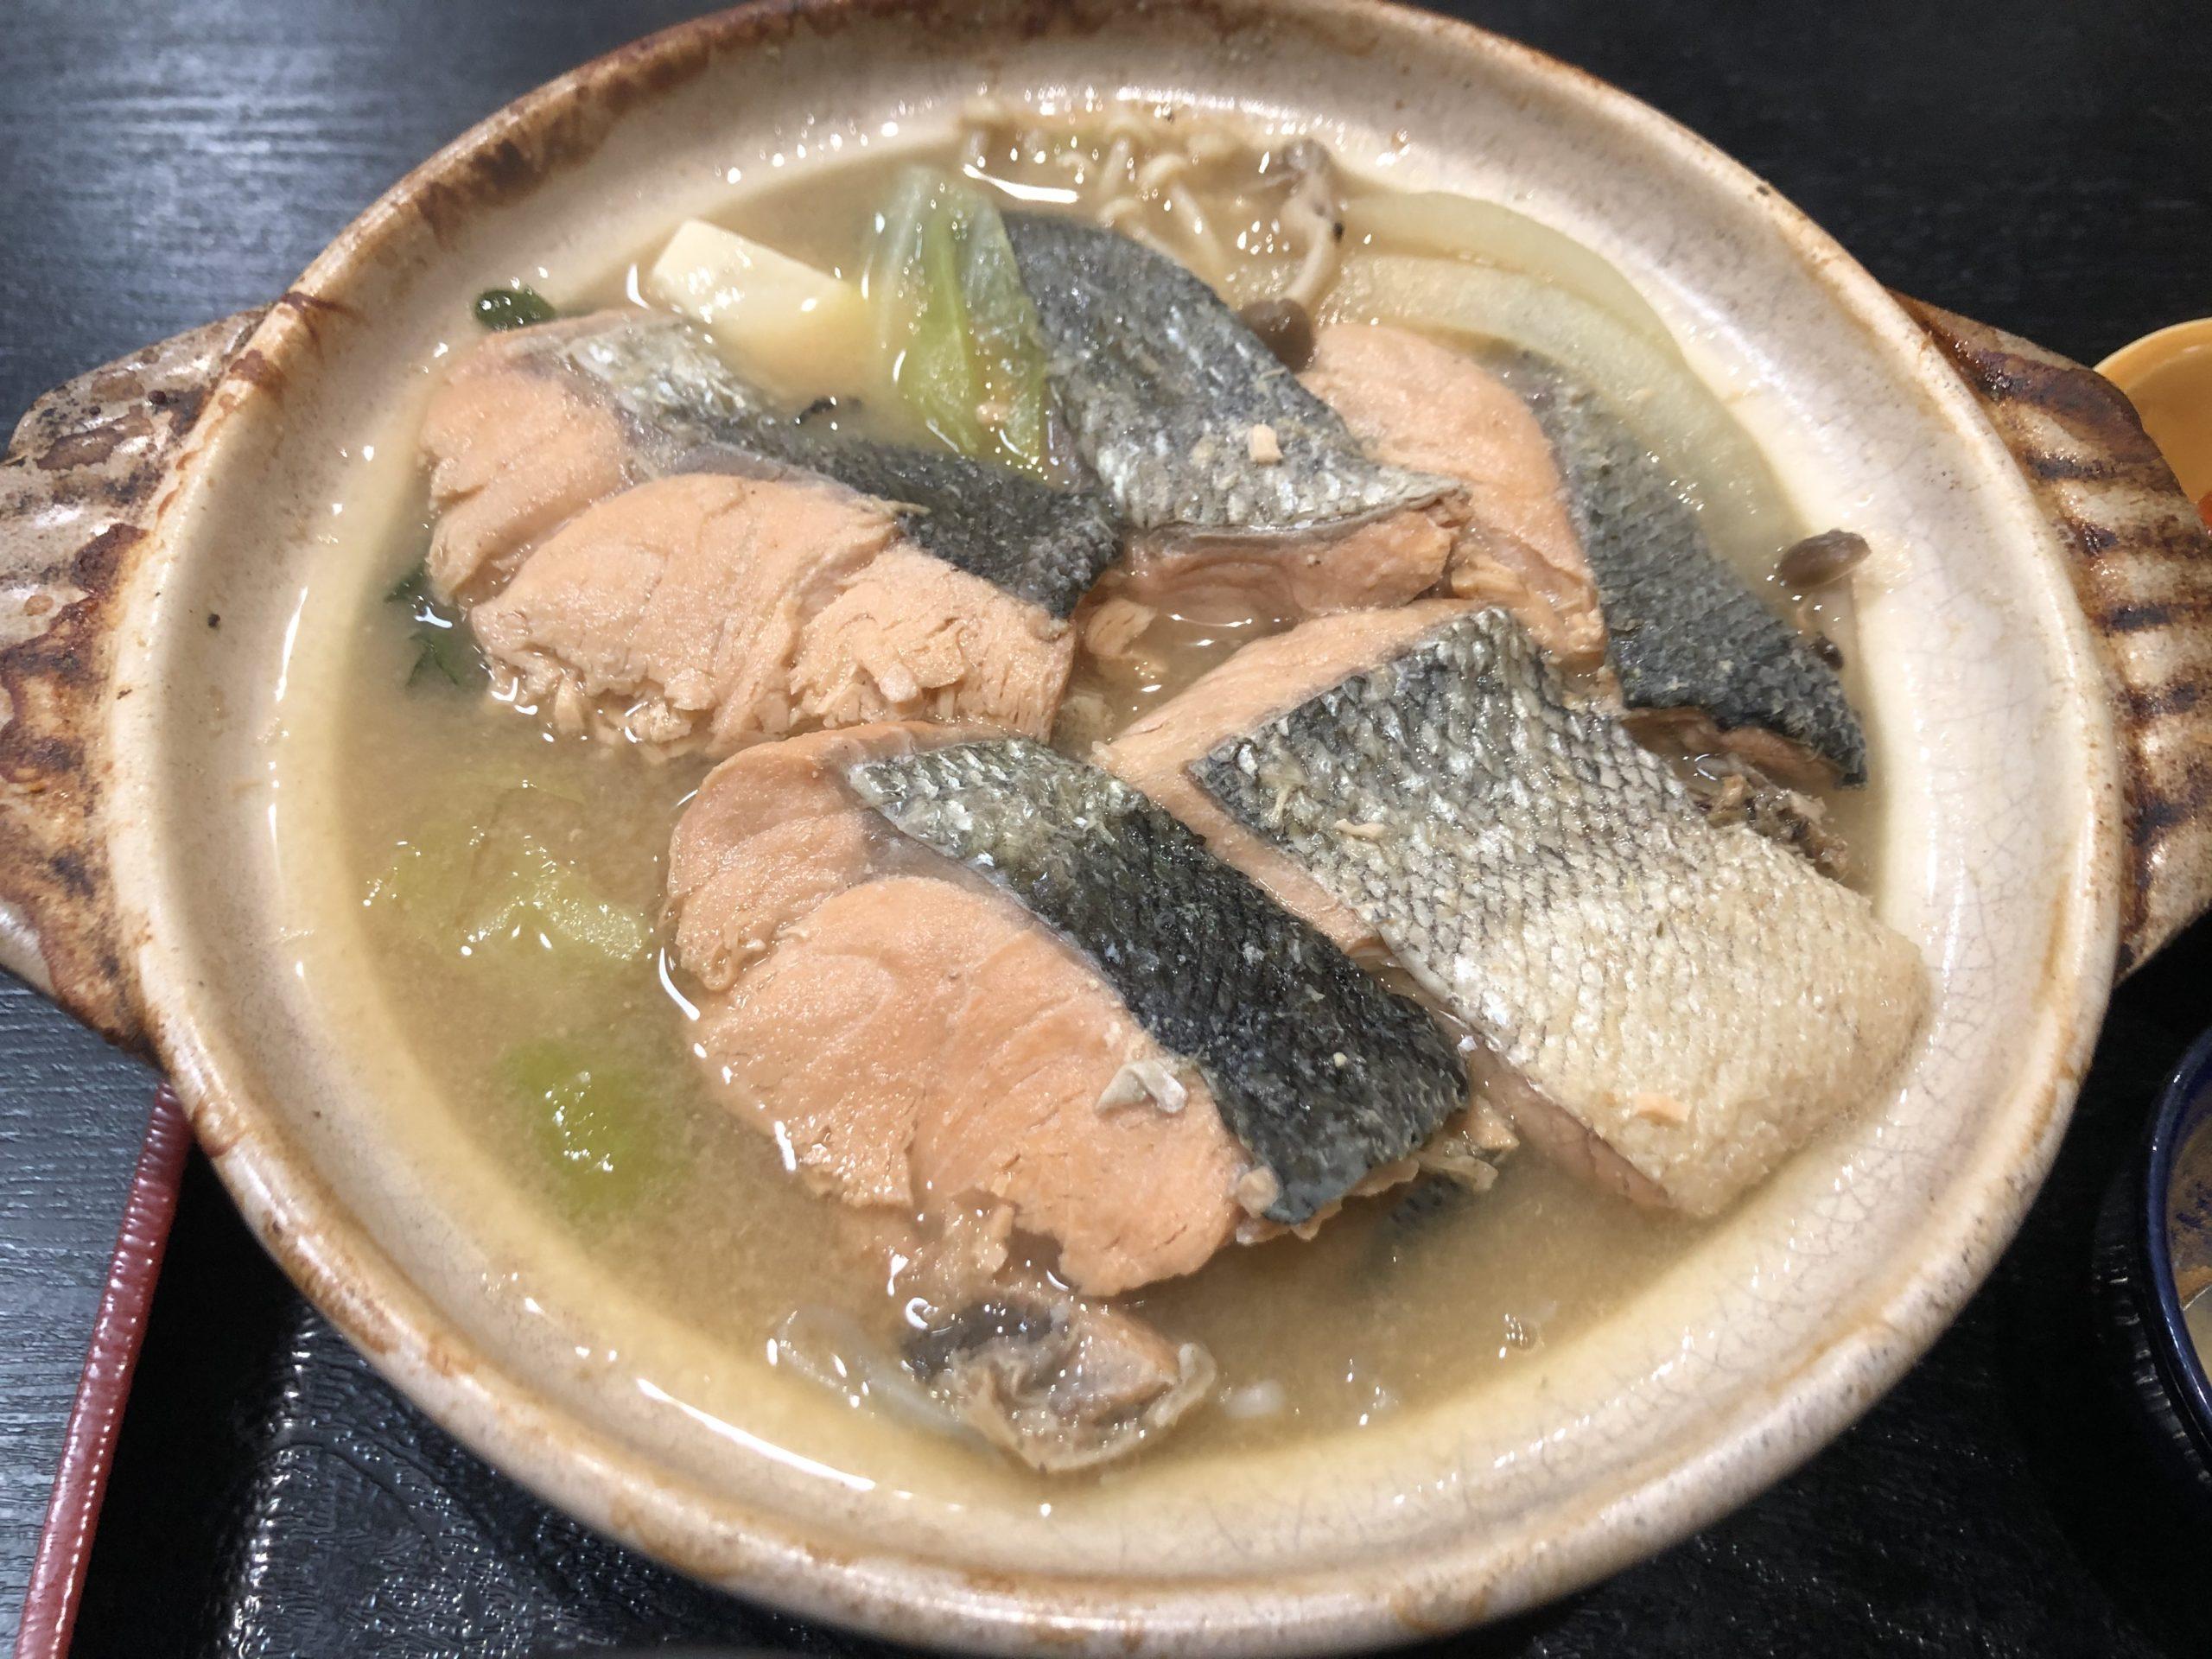 【アイモバリアルグルメツアー】江別/石狩エリアの北海道郷土料理石狩鍋を喰らう